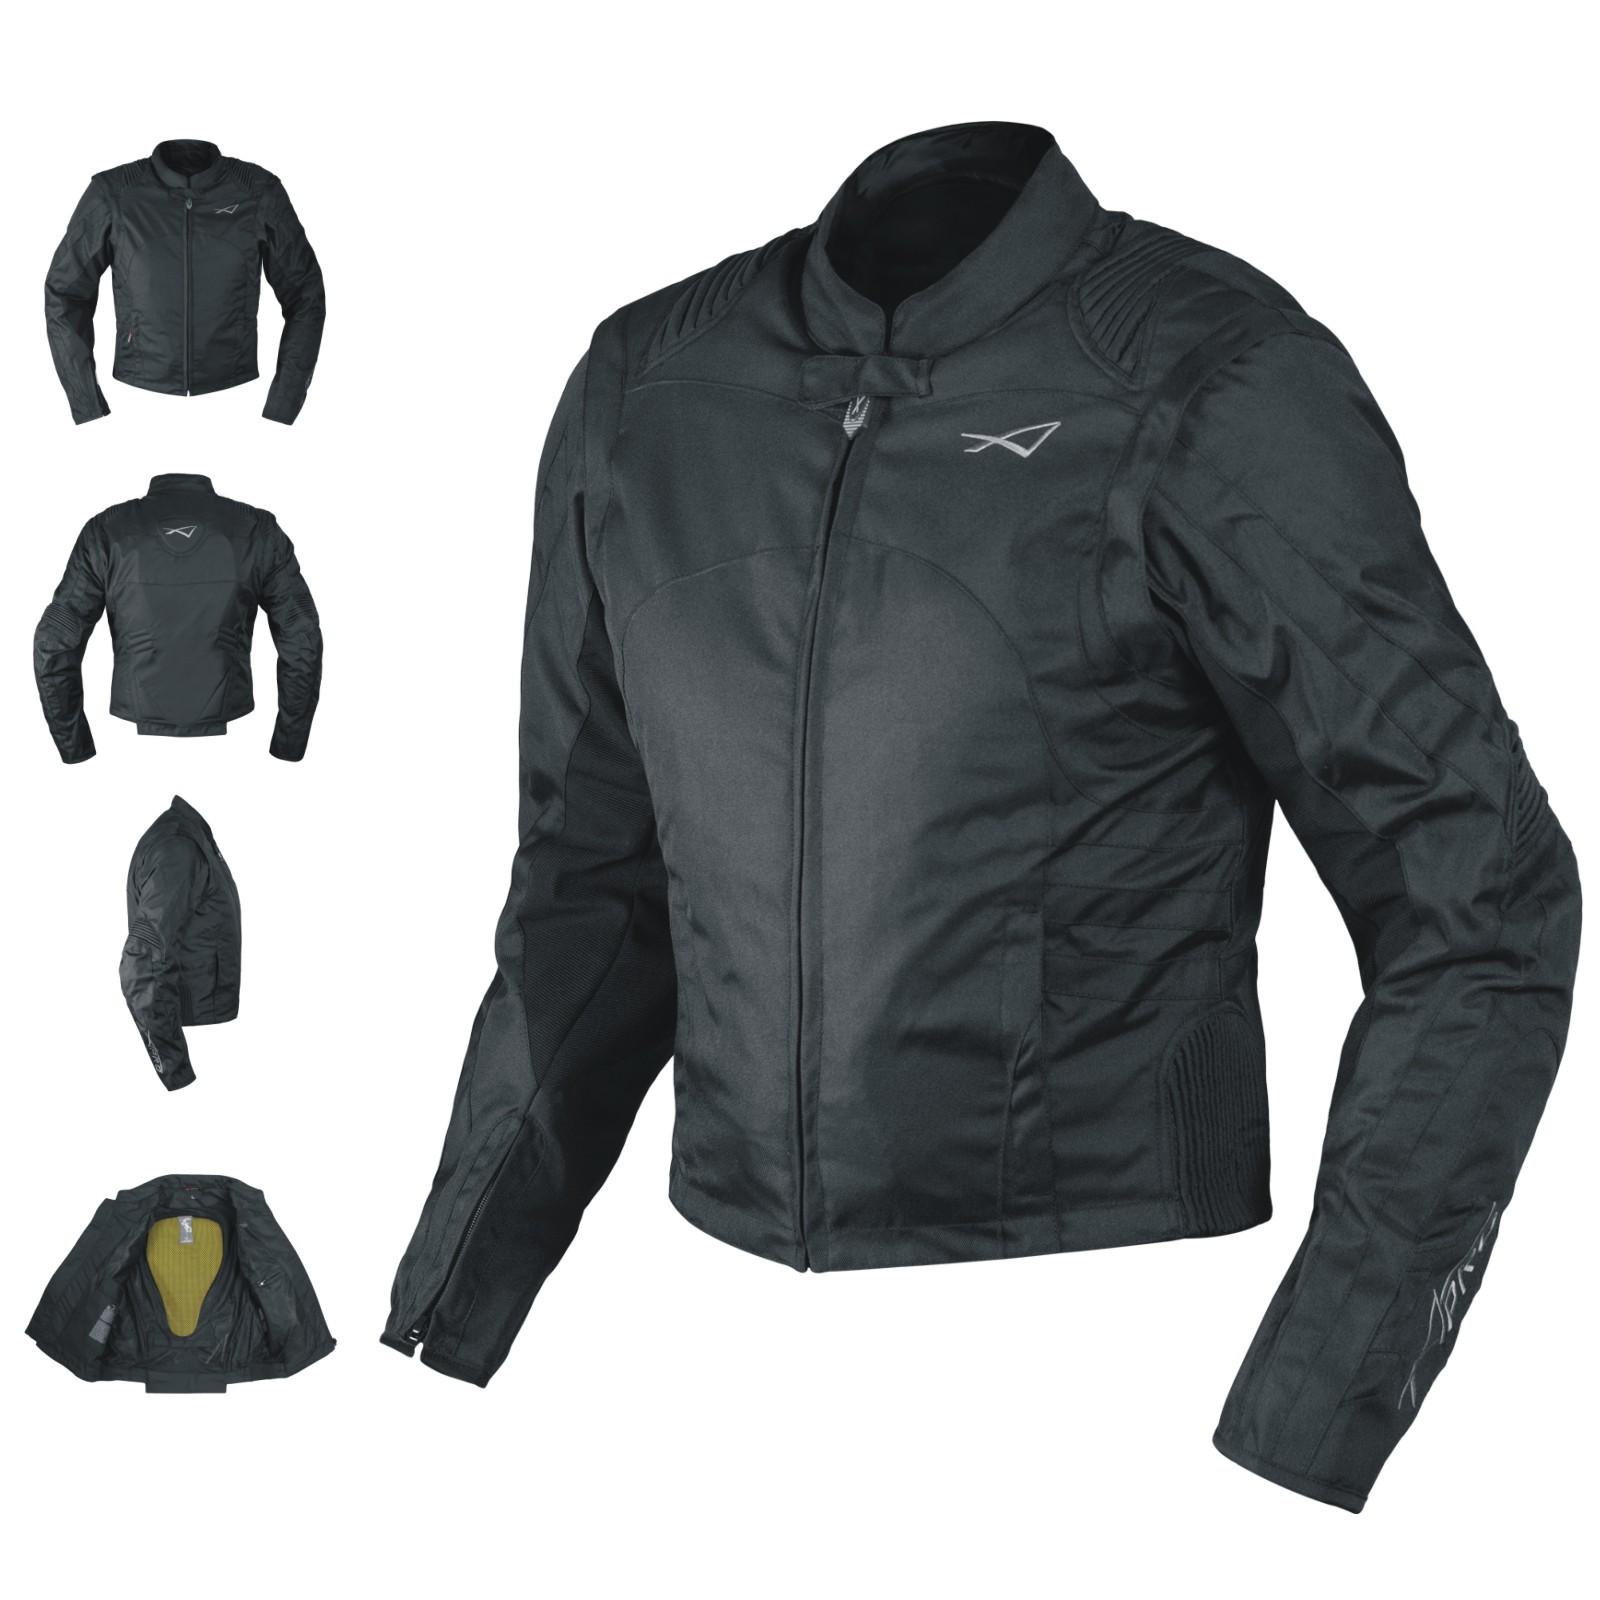 DYABLEX-A-Pro-Giacca-Jacket-Nero-Black-Tessuto-Textile-Sonic-Moto